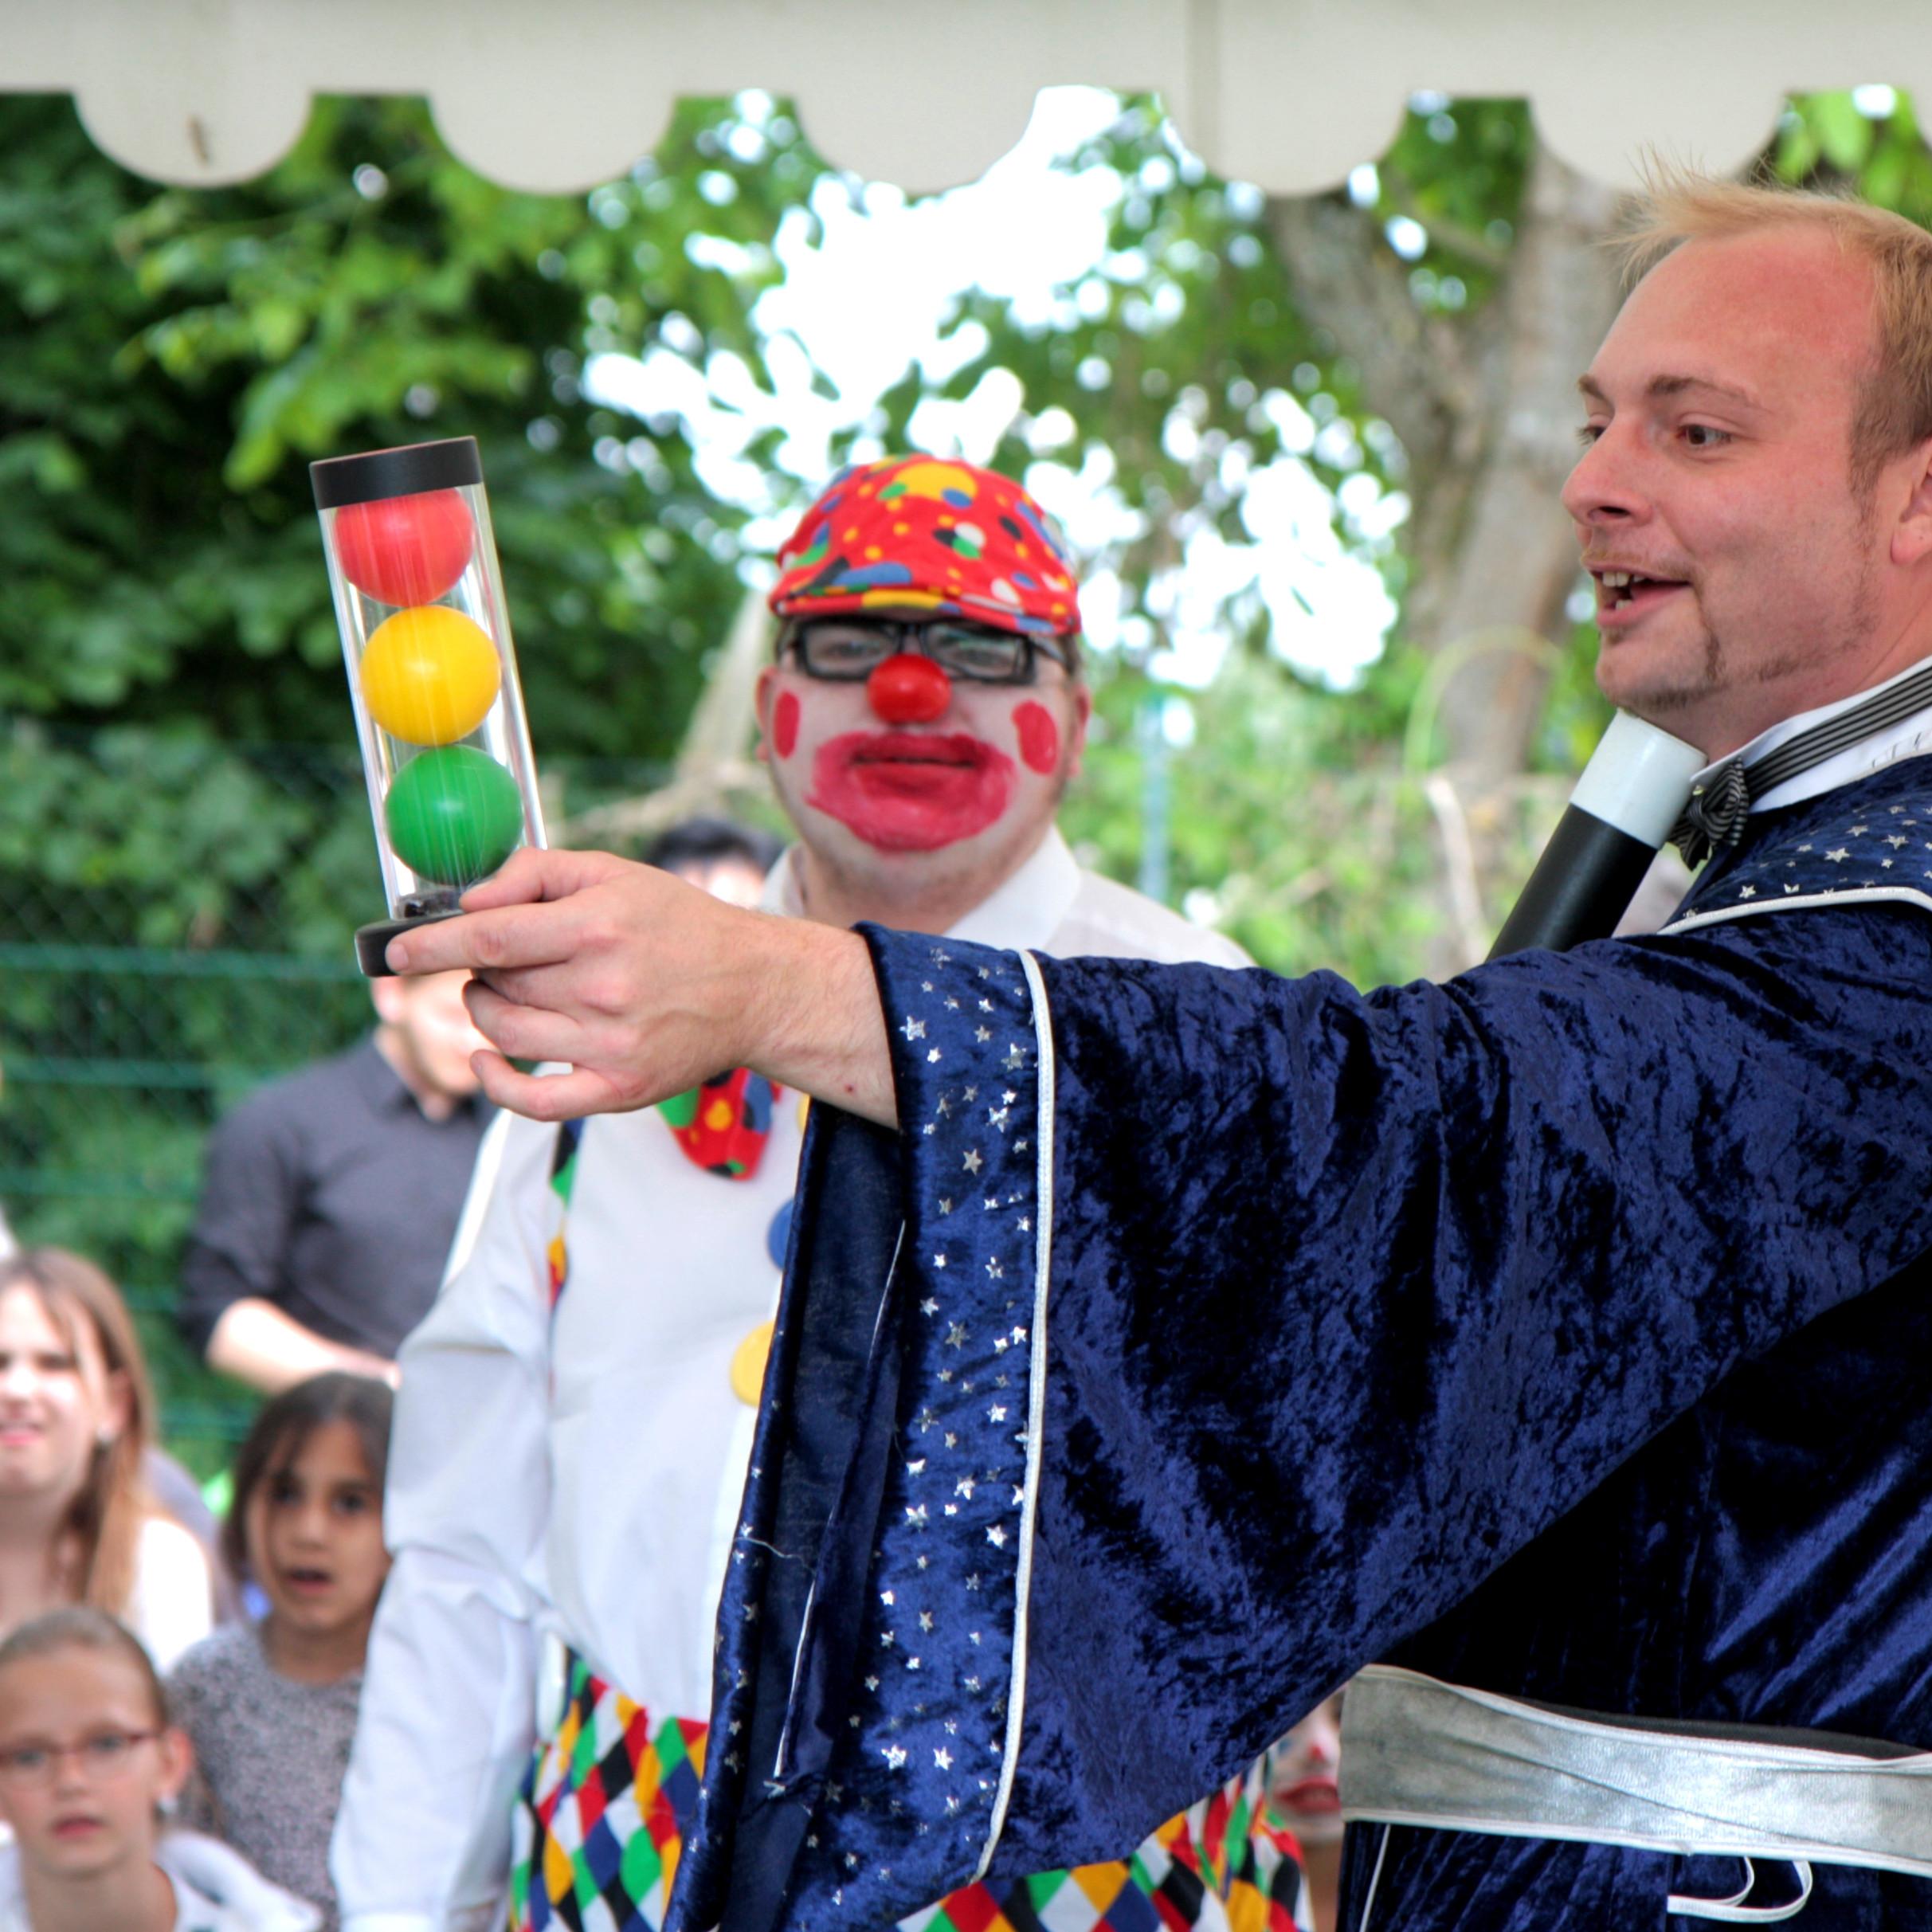 Zaubershow für Kinder - auch im Freien möglch